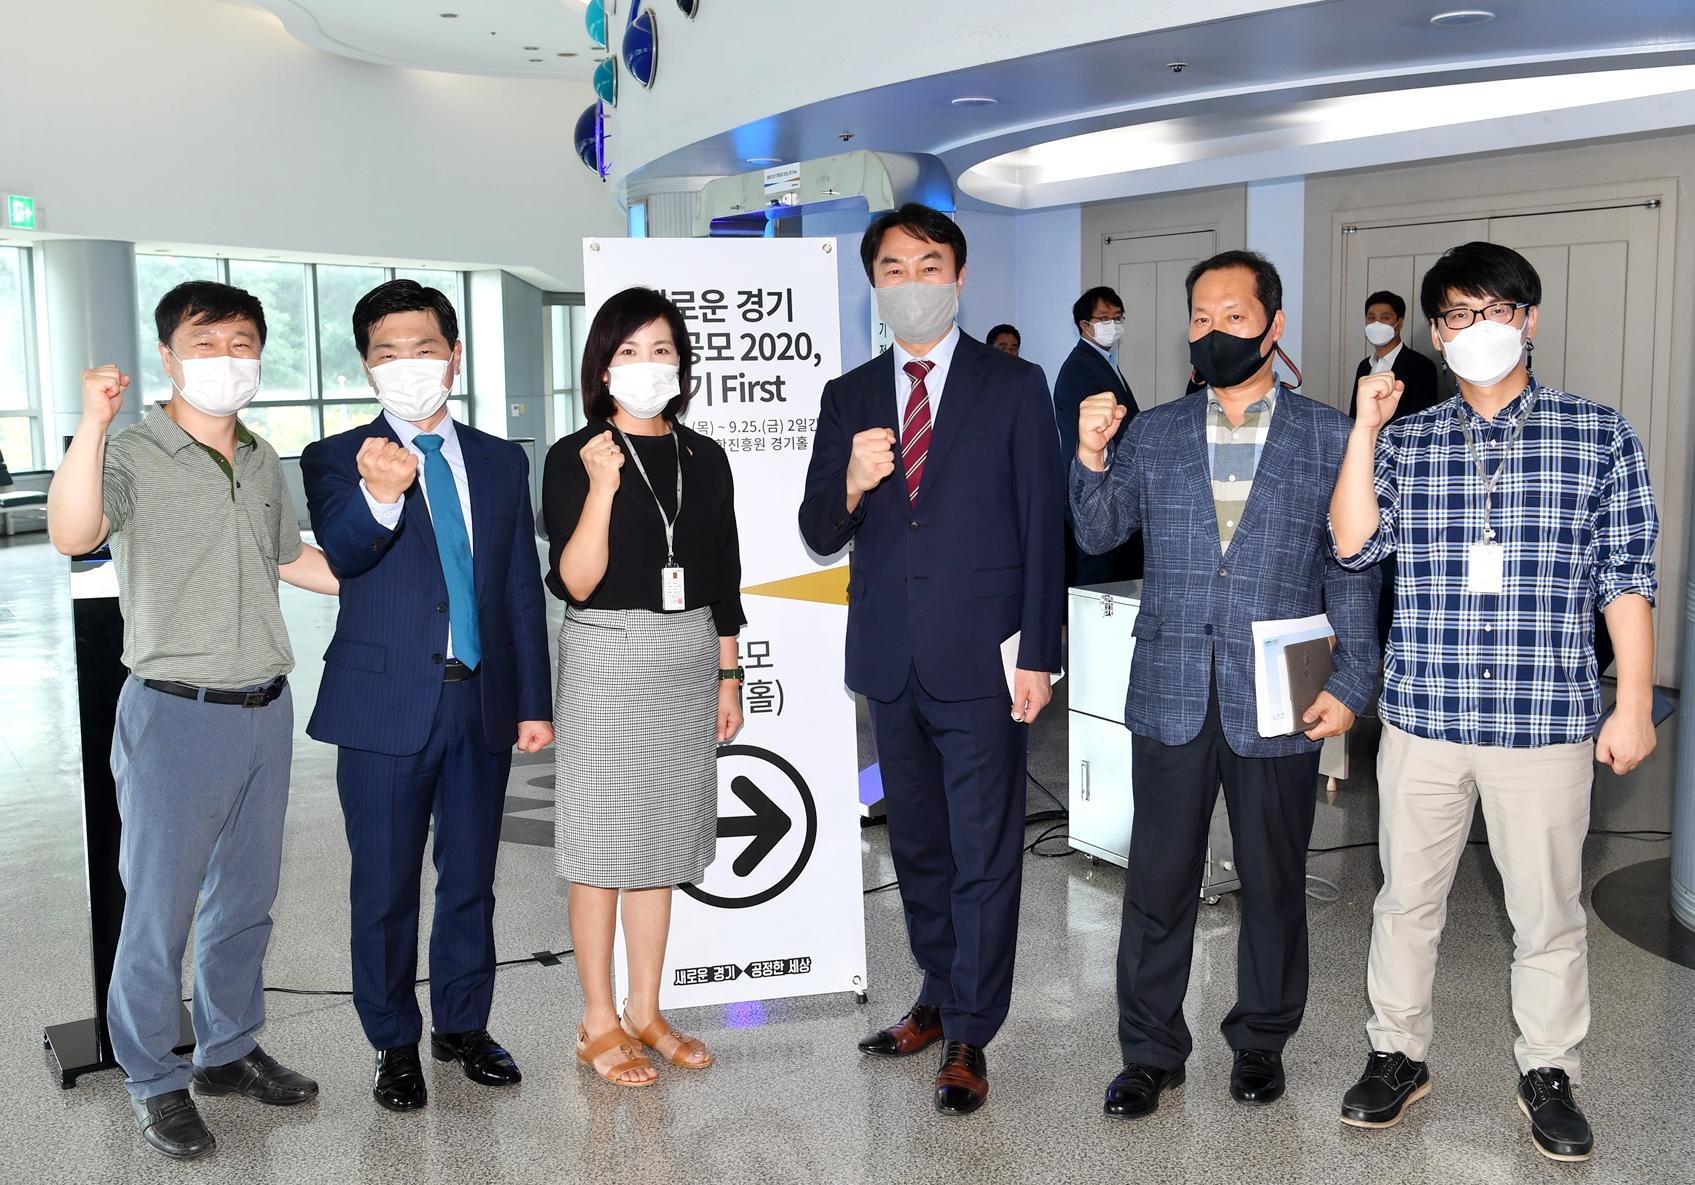 하남시 '새로운경기 정책공모' 본선 진출, 사업비 최소 60억 확보!